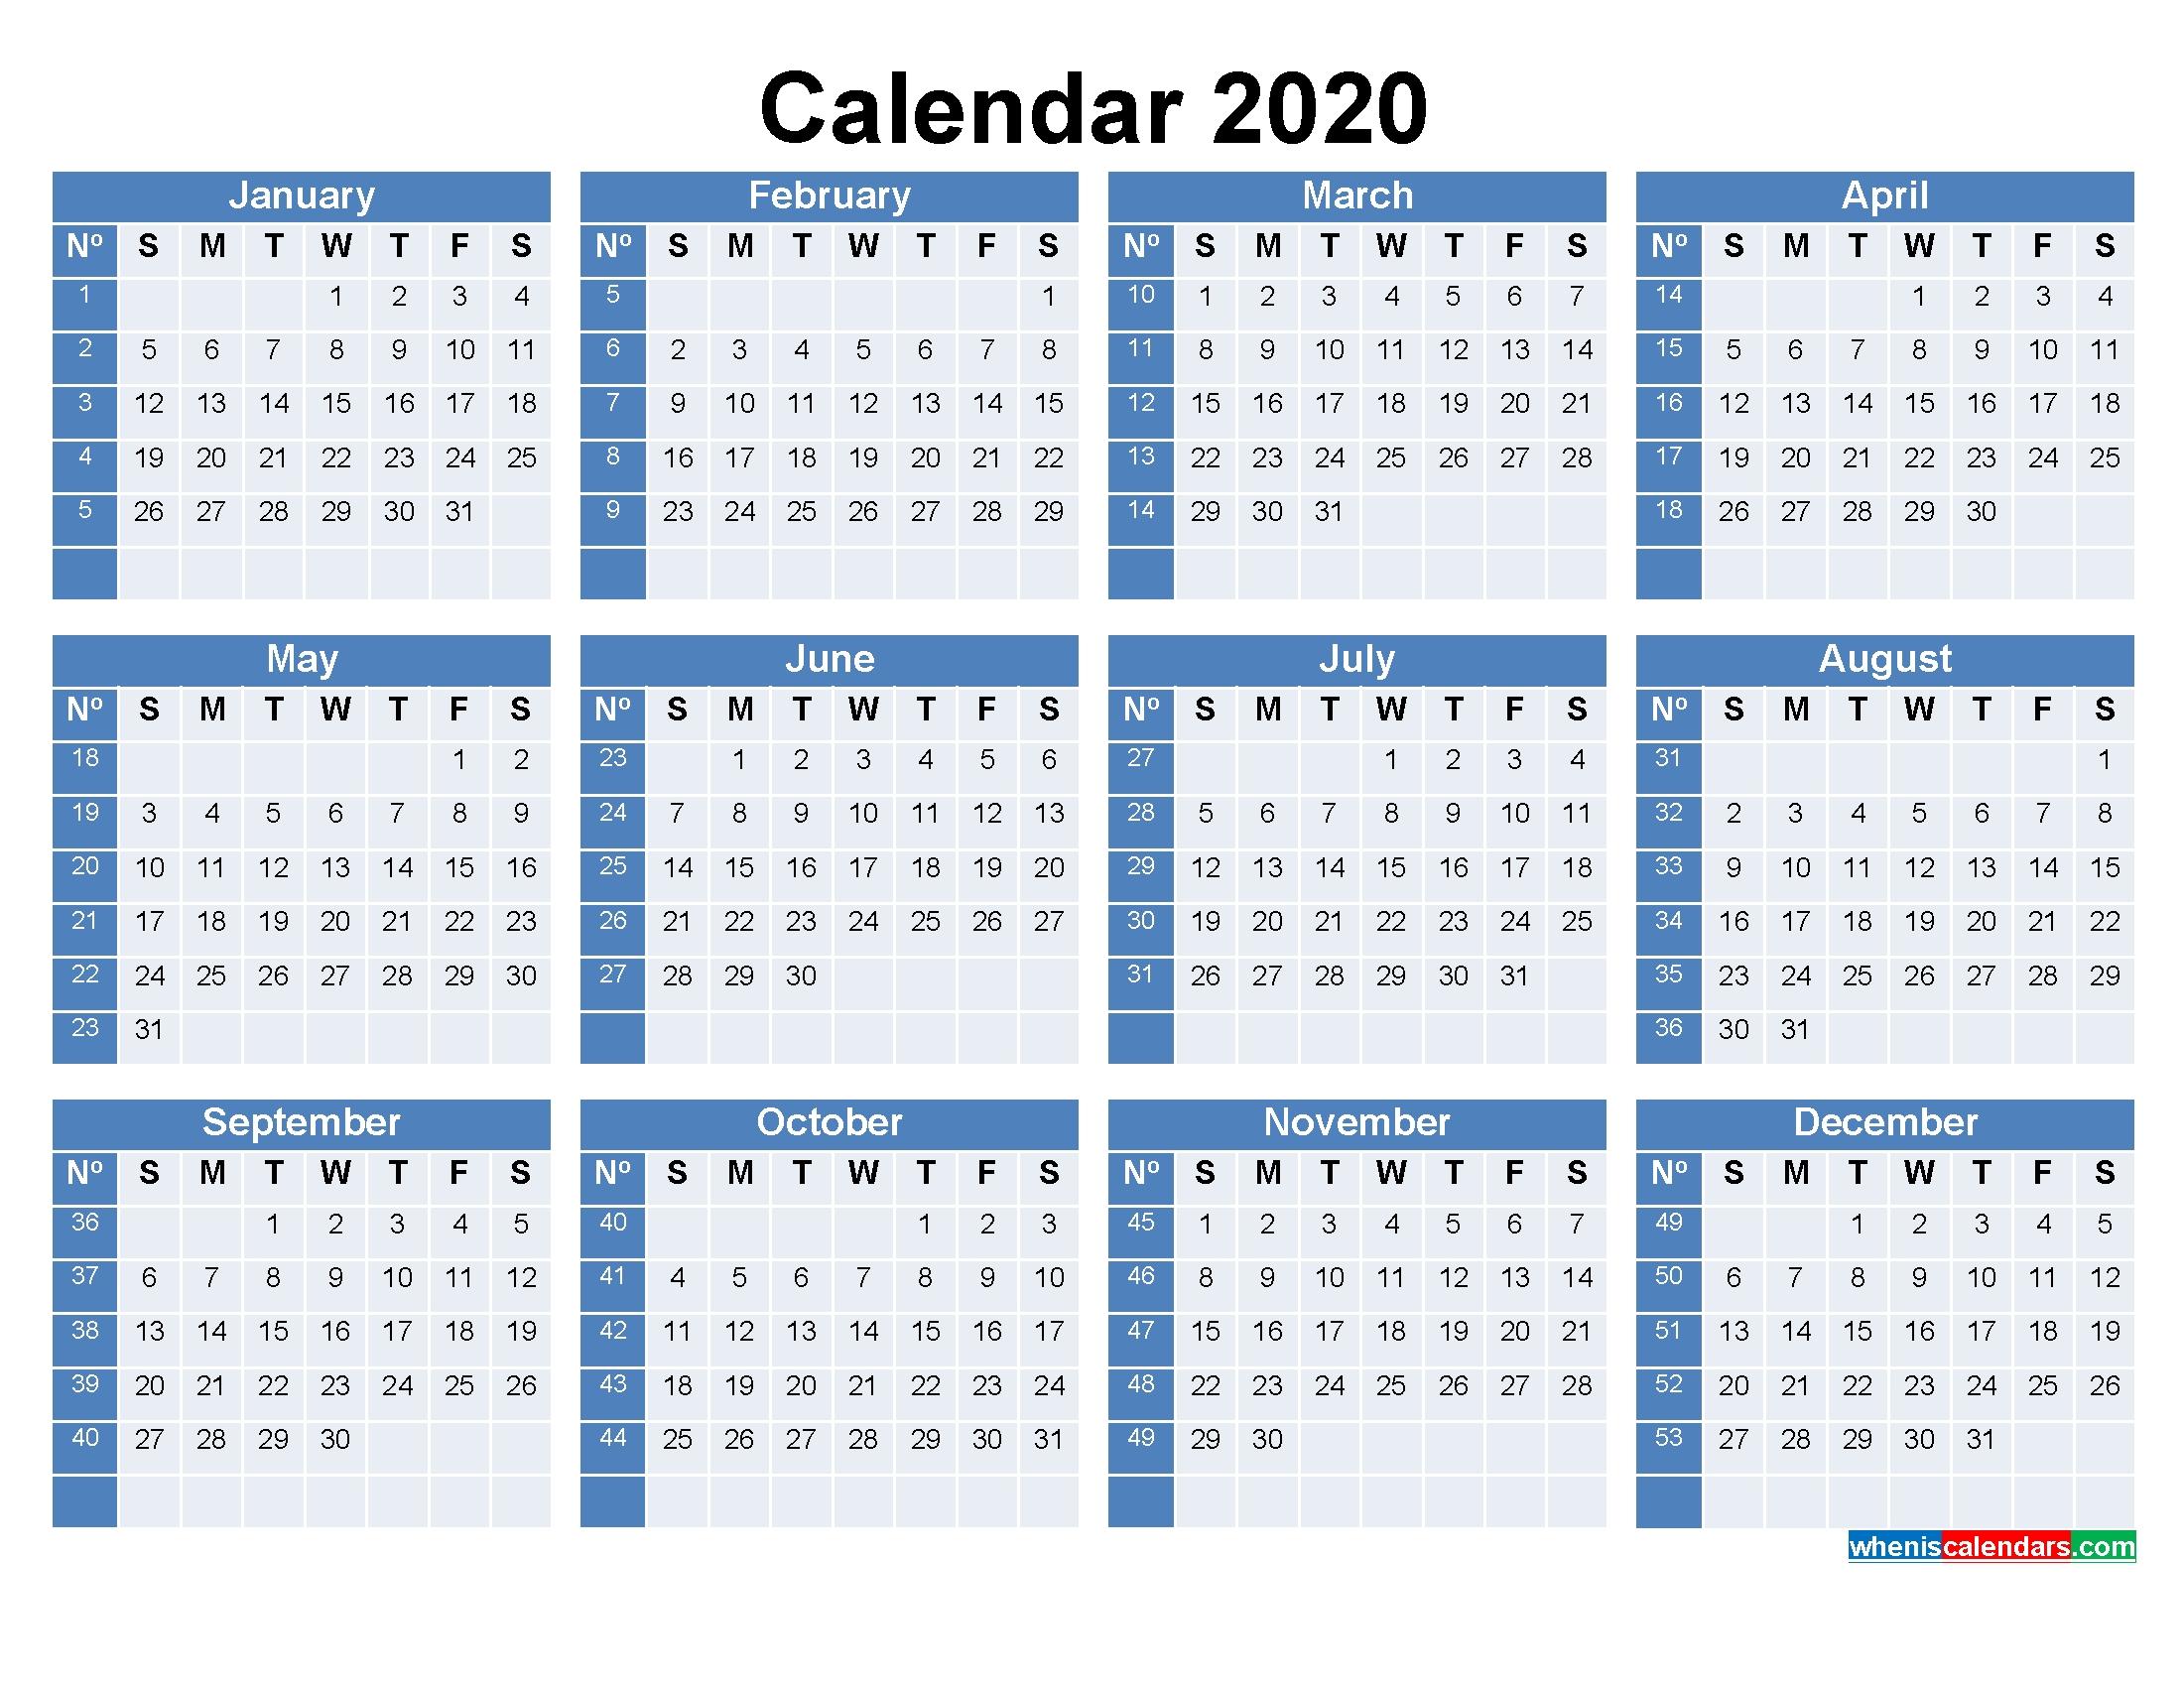 Printable Calendar With Week Numbers 2020 Word, Pdf - Free Printable 2020 Monthly Calendar With